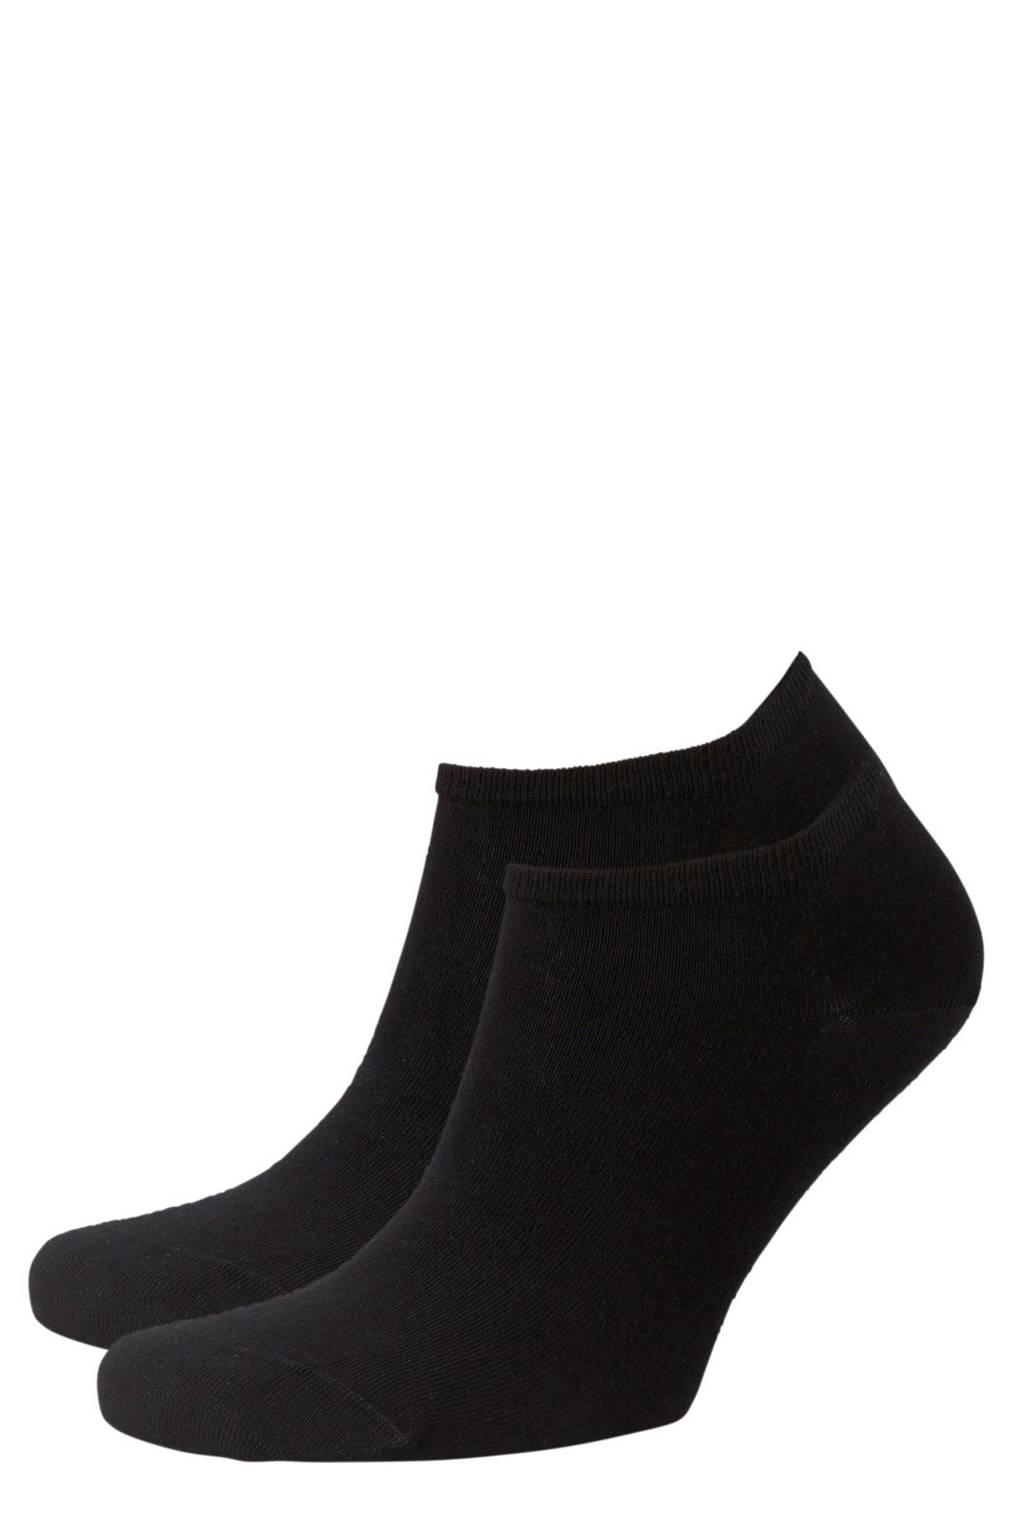 Tommy Hilfiger sneakersokken - set van 2 zwart, Zwart